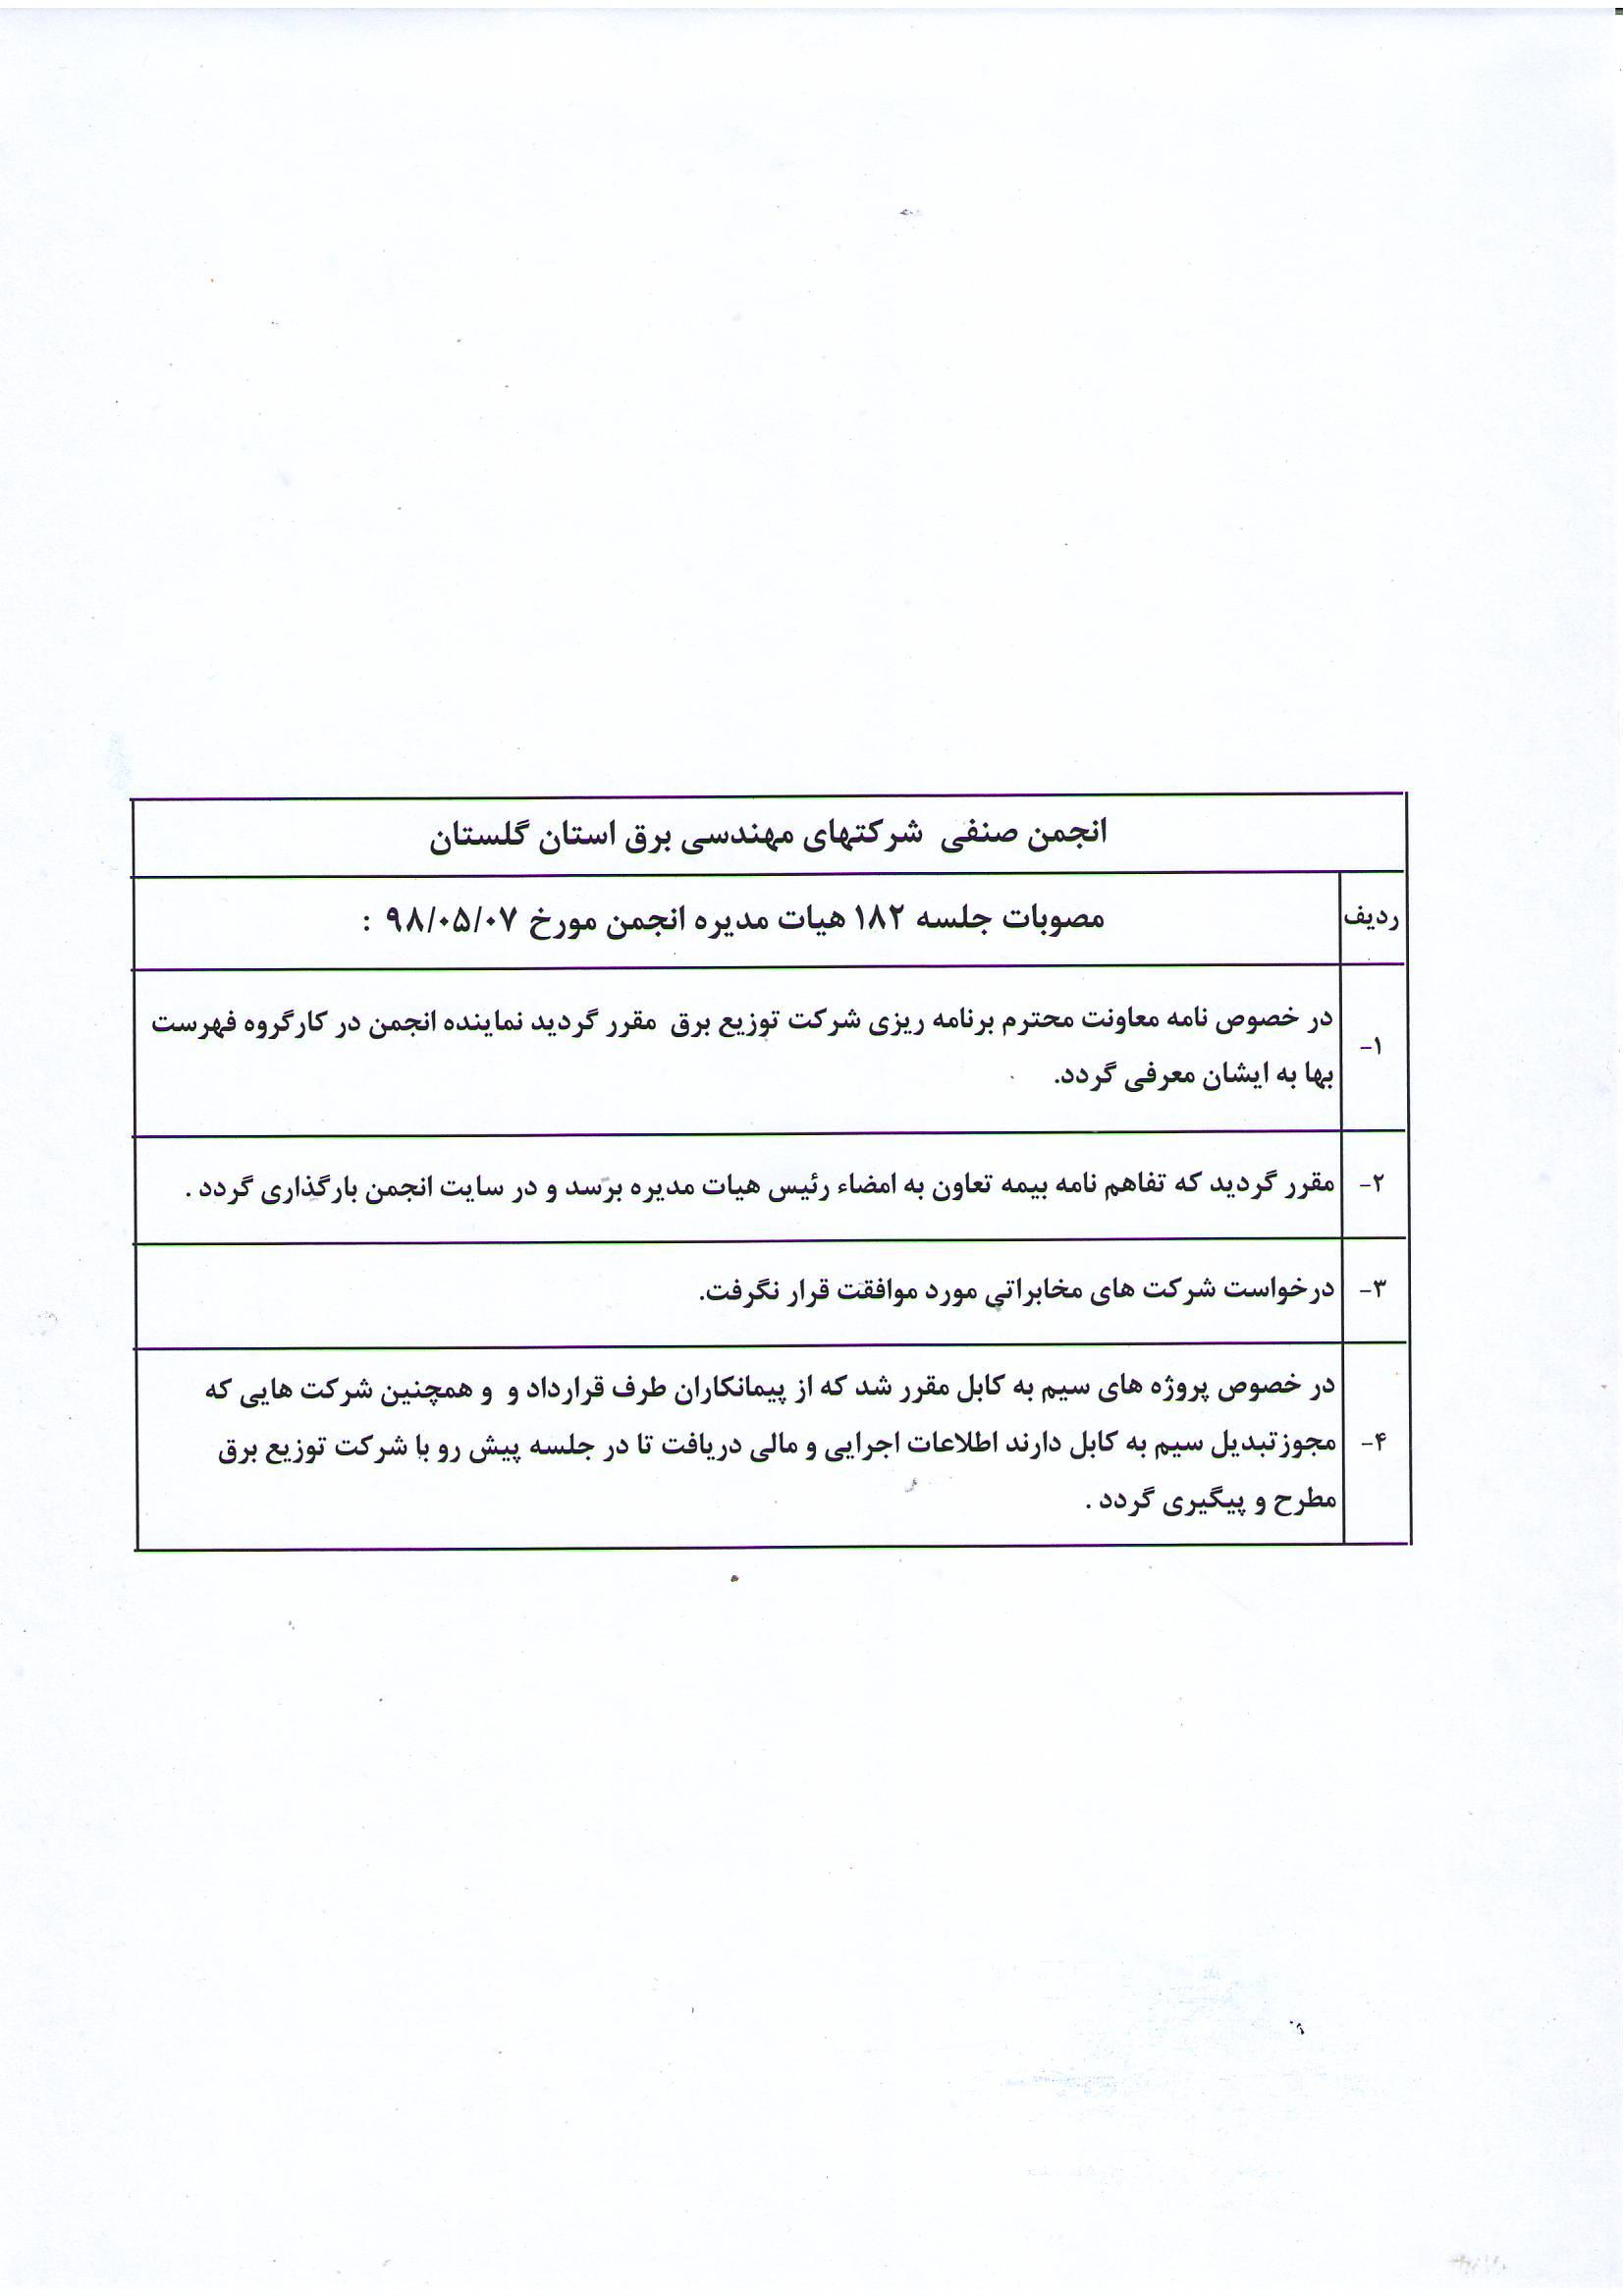 جلسه هیات مدیره مورخ 98/05/07